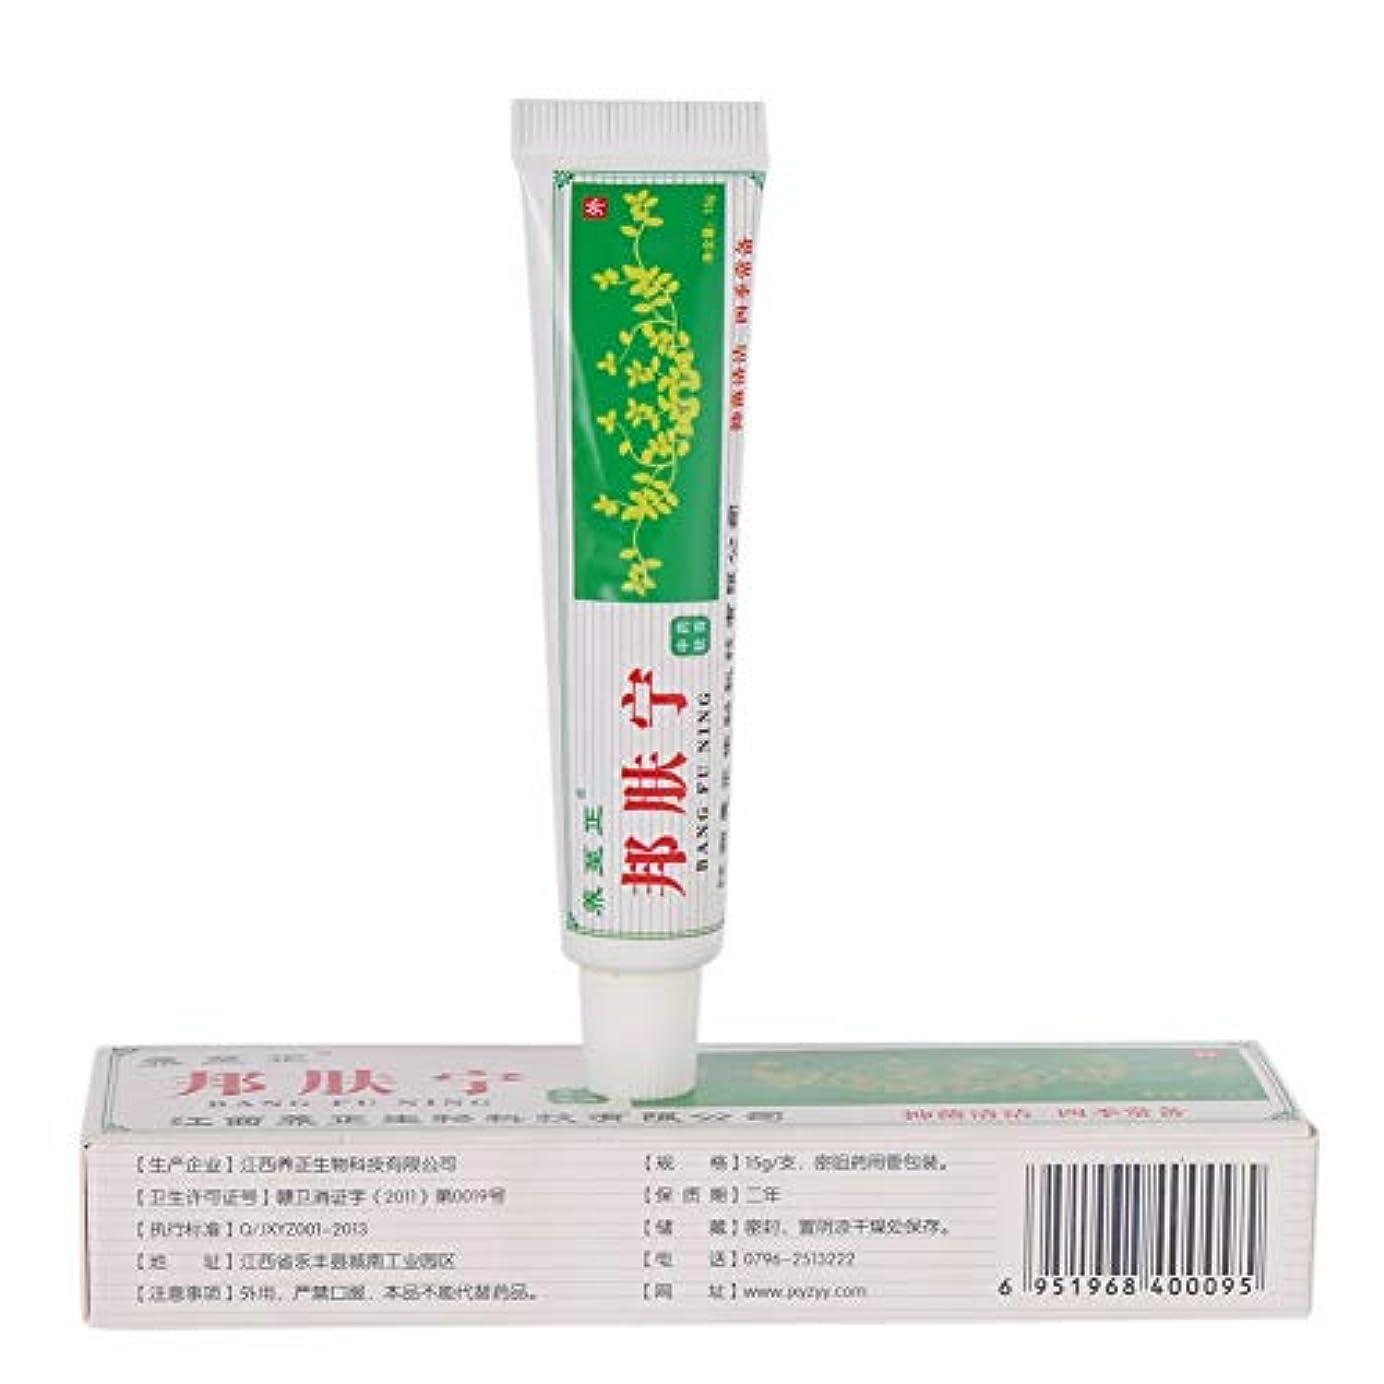 製品視線スカウトBalai 抗菌性皮膚かゆみクリーム 乾癬湿疹軟膏クリーム 皮膚アレルギー 皮膚炎および湿疹ホットクリーム